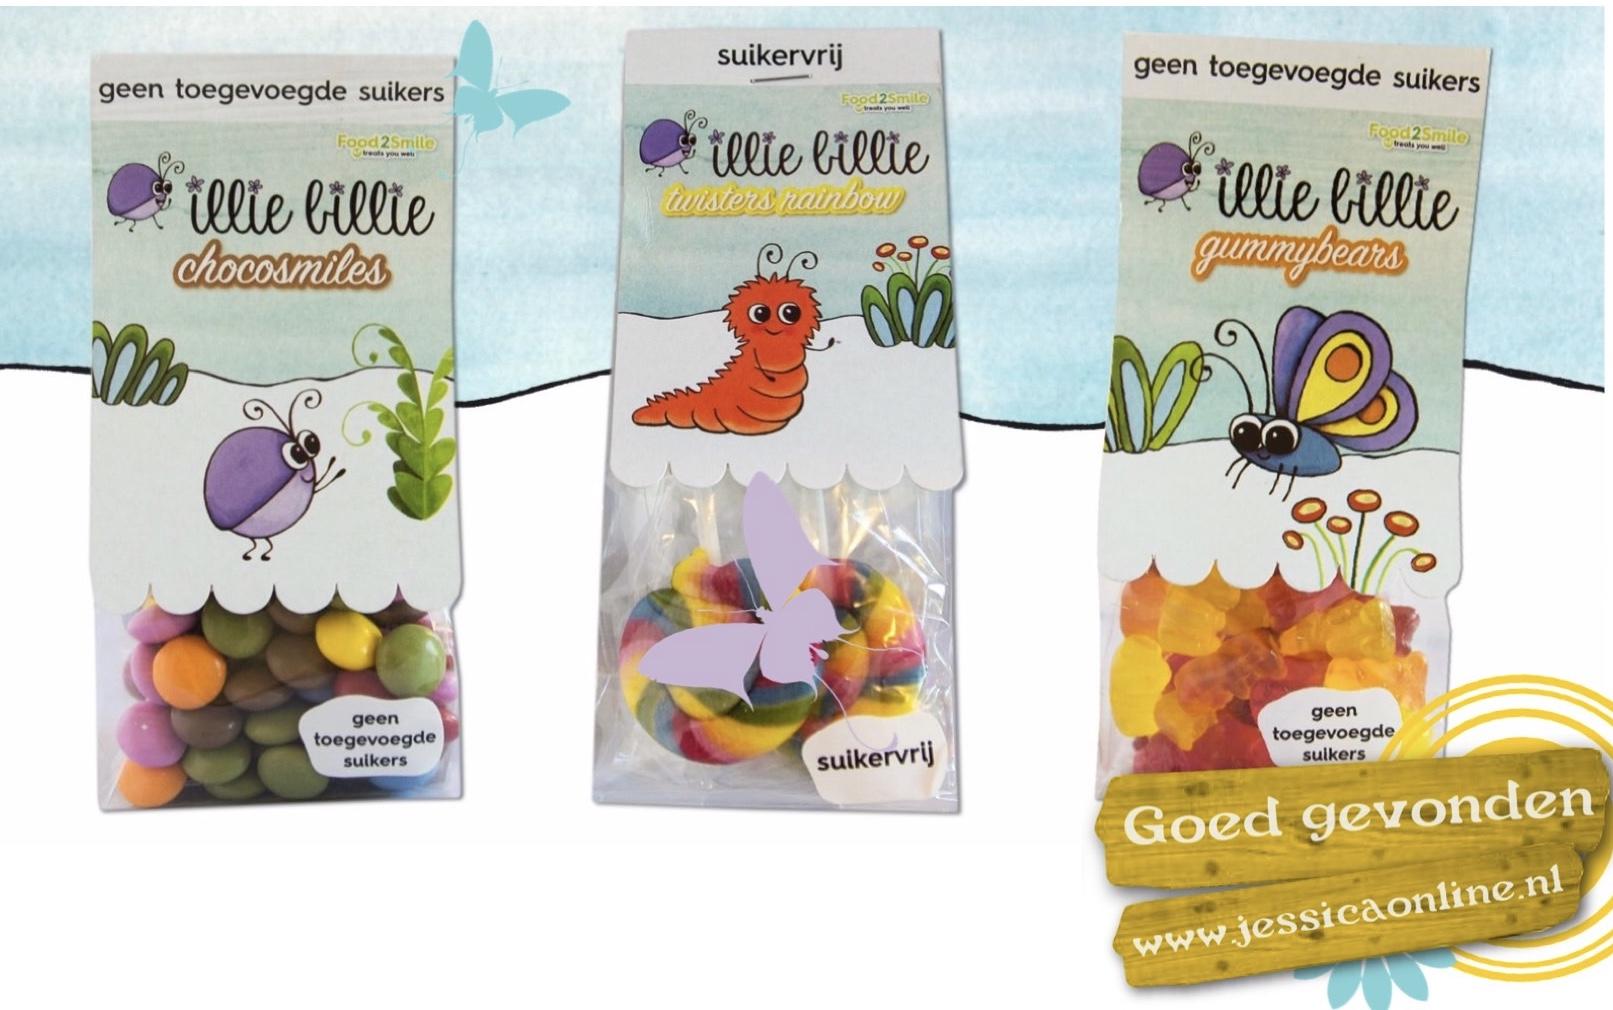 Suikervrije snoepjes van Illie Billie en Food2Smile